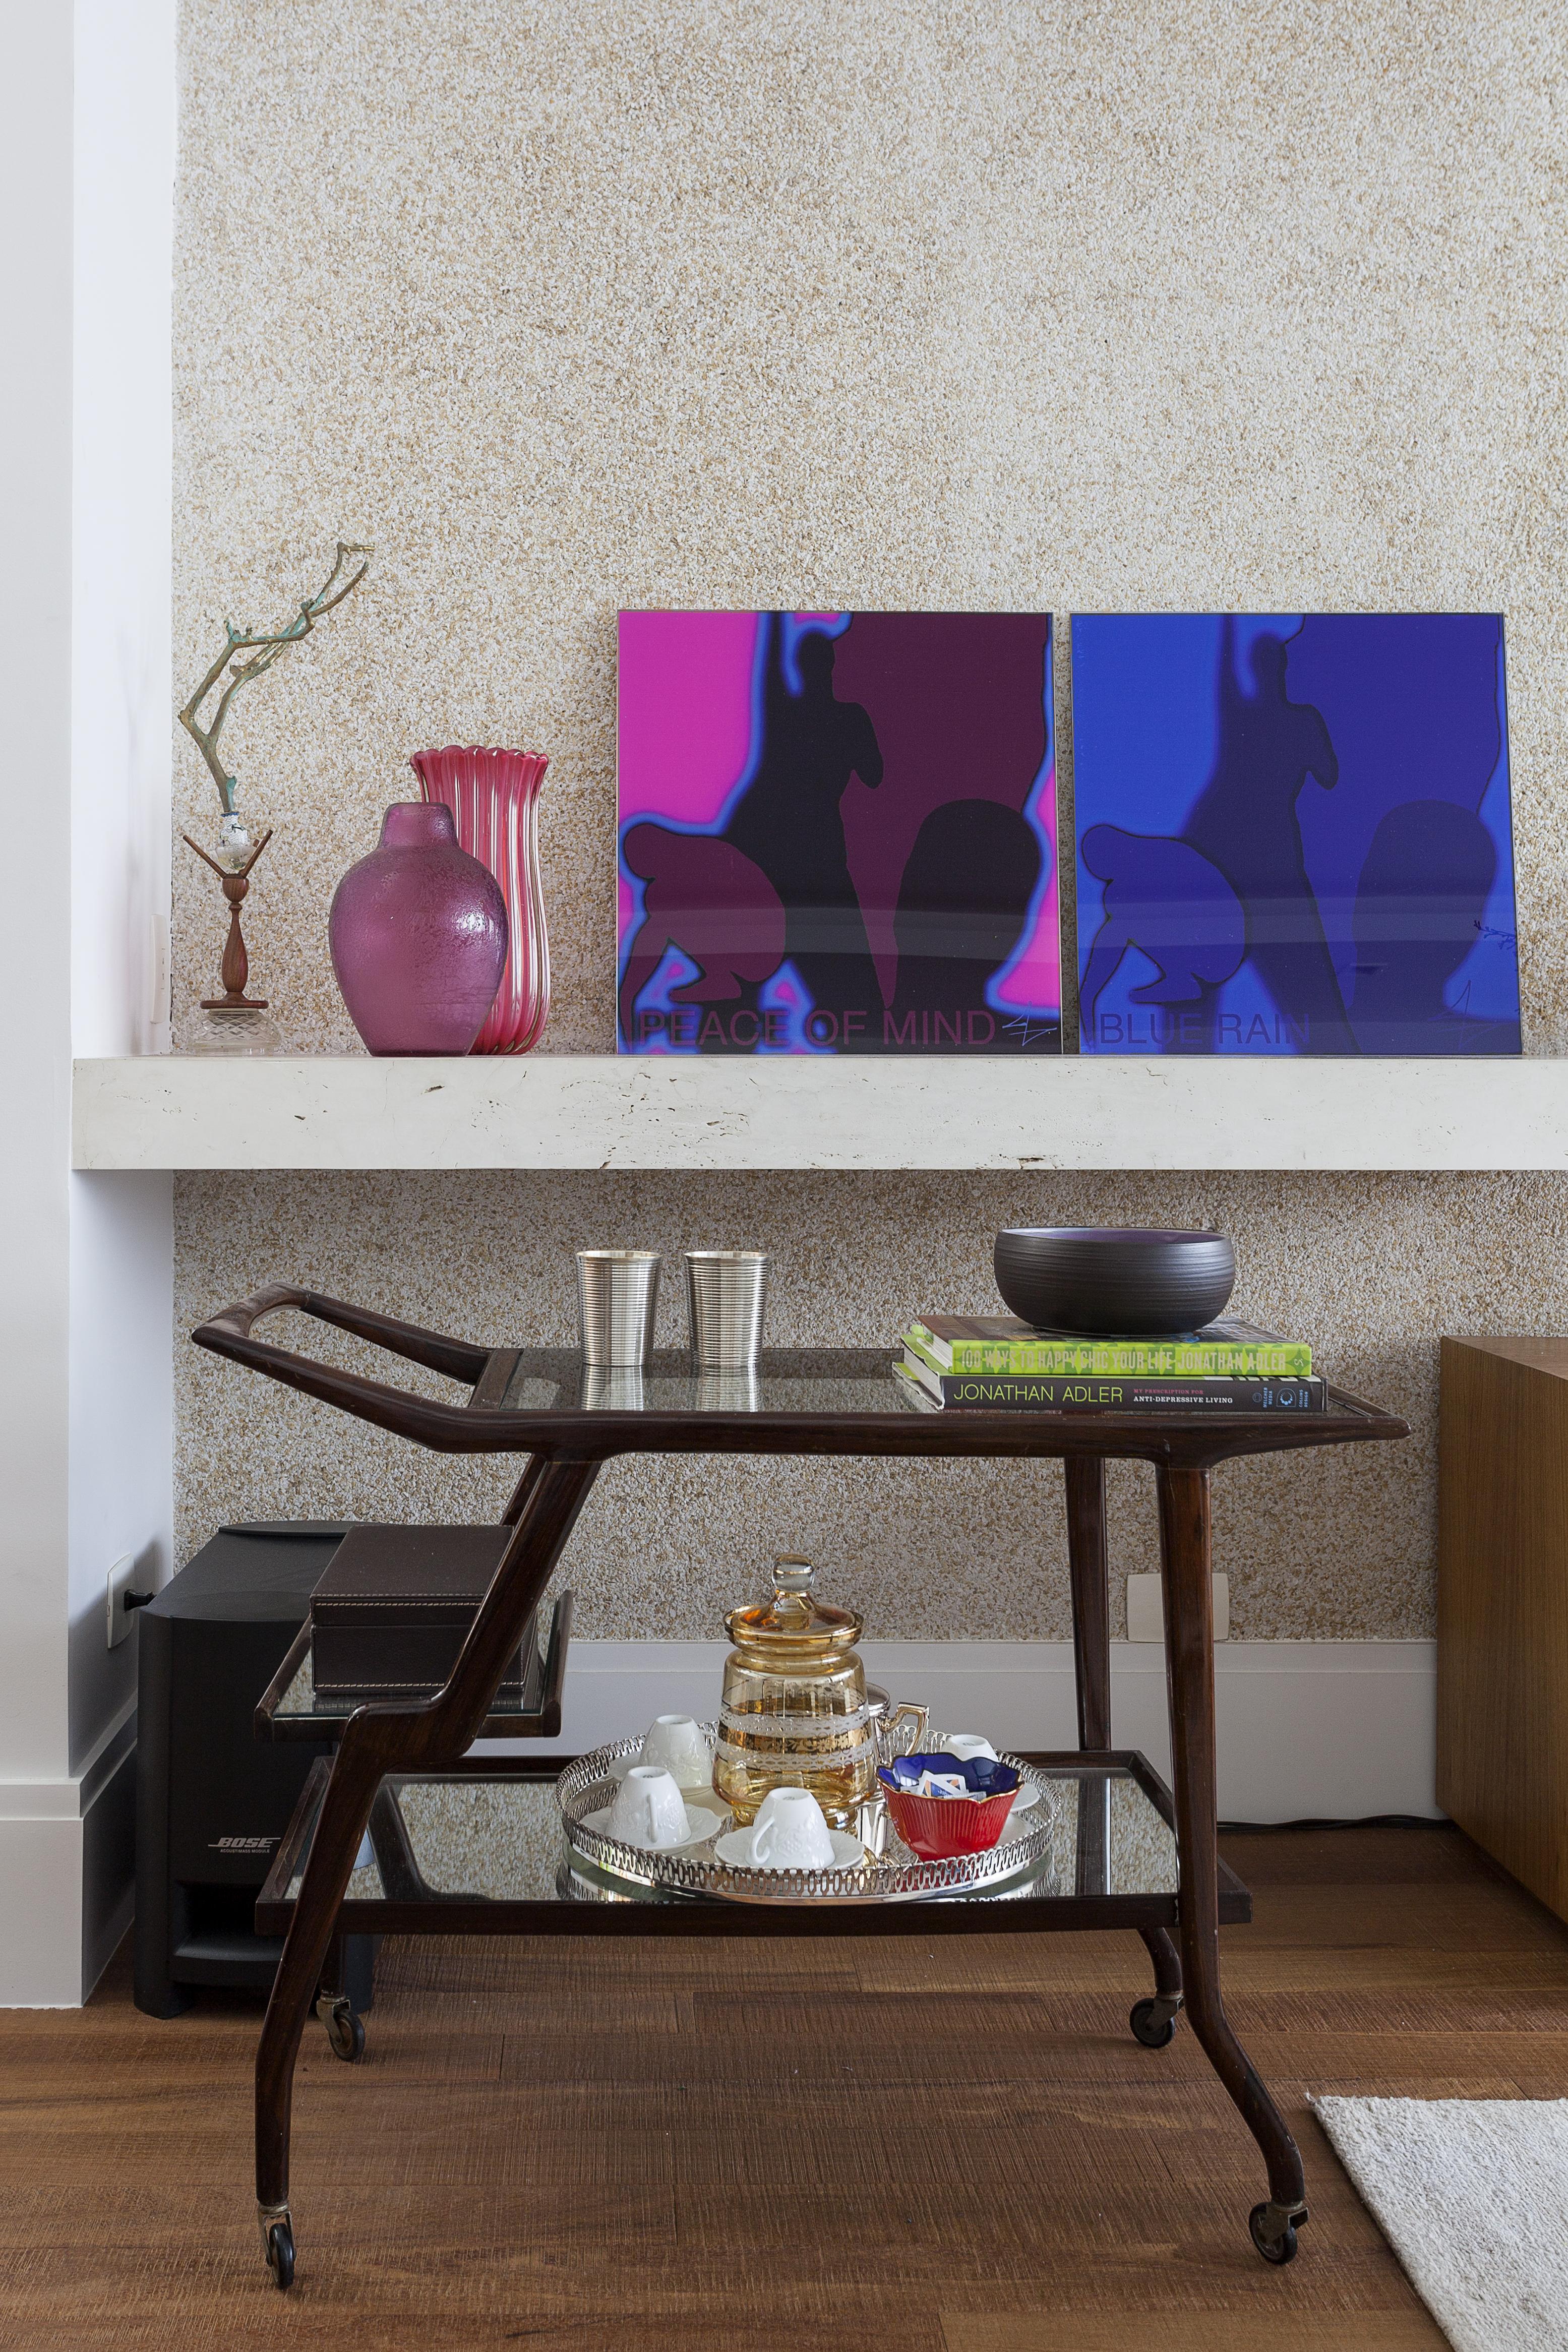 Em um ambiente claro, um carrinho de bar de madeira tem copos, uma cerâmica e algumas embalagens de vidro. Ao fundo, em uma prateleira, há dois quadros, um rosa e um azul, e alguns vasos cor de rosa